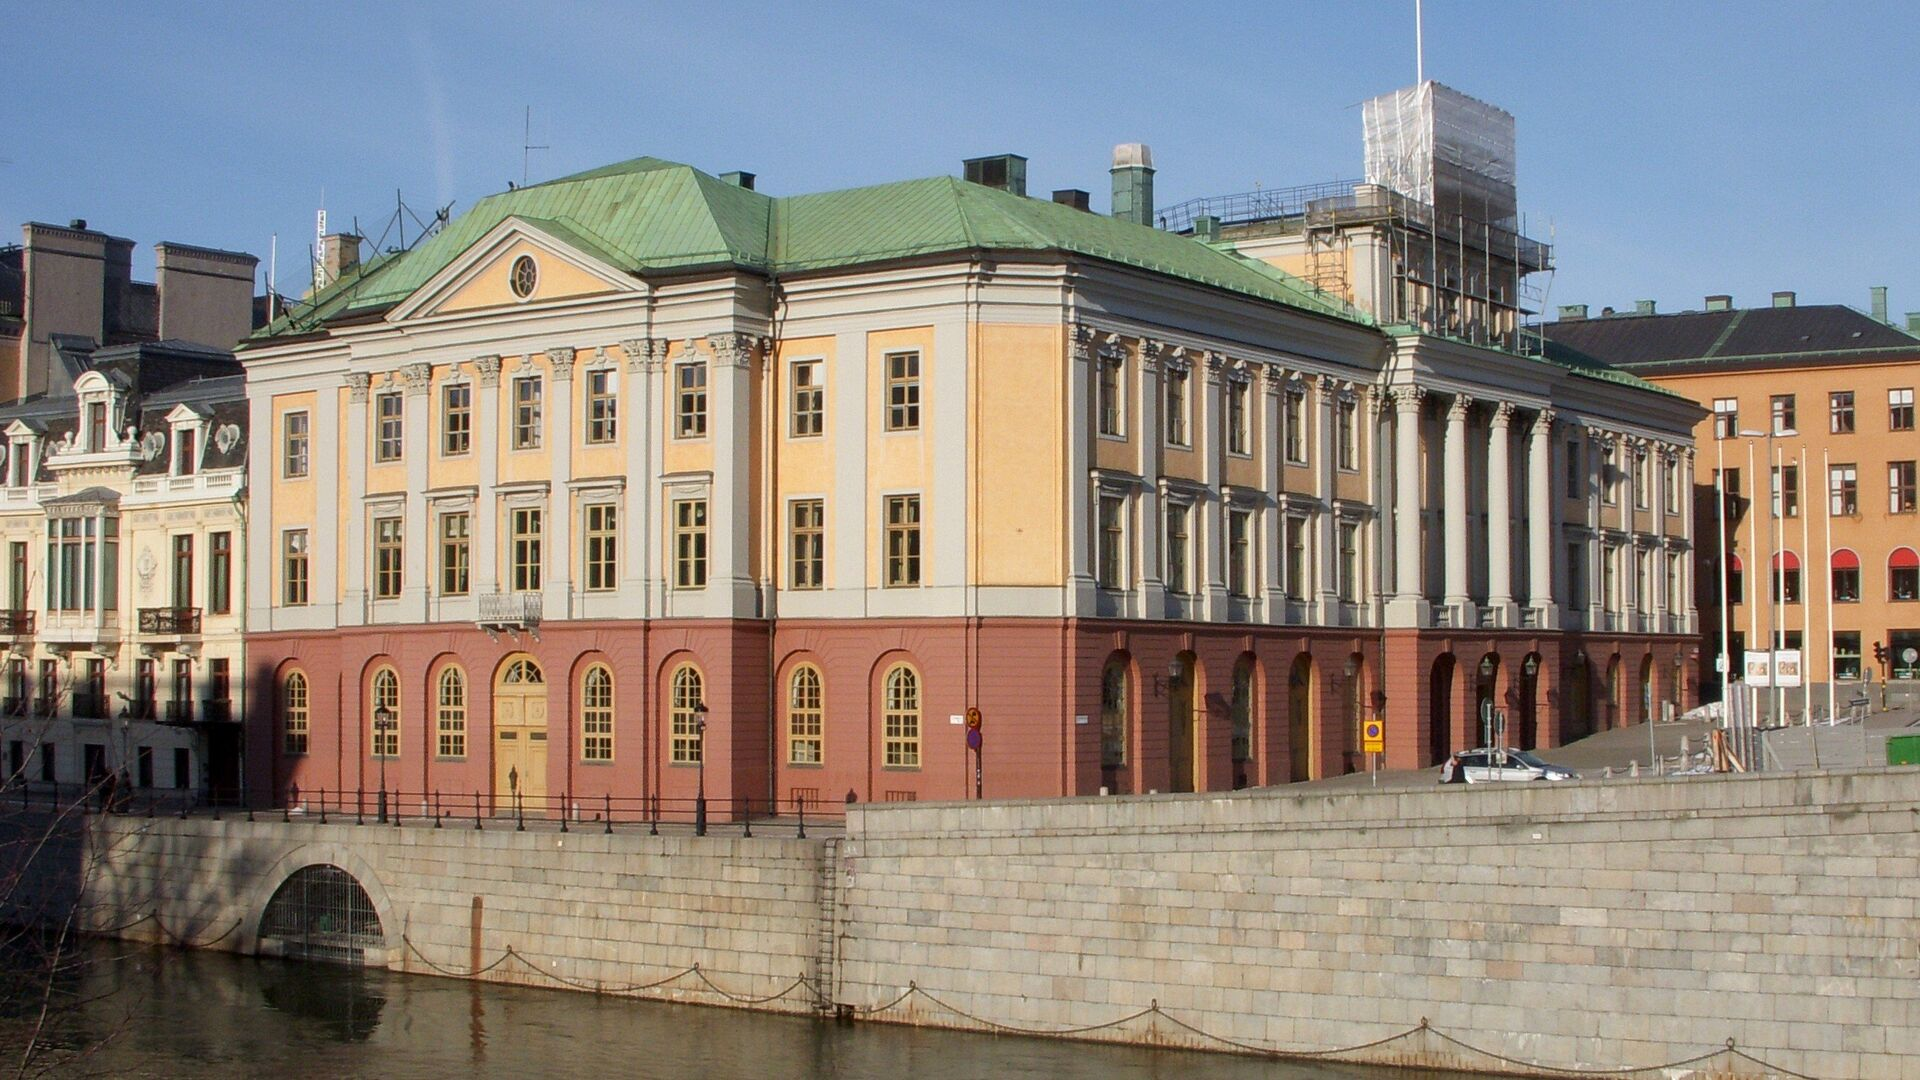 Министерство иностранных дел Швеции в Стокгольме - РИА Новости, 1920, 05.02.2021